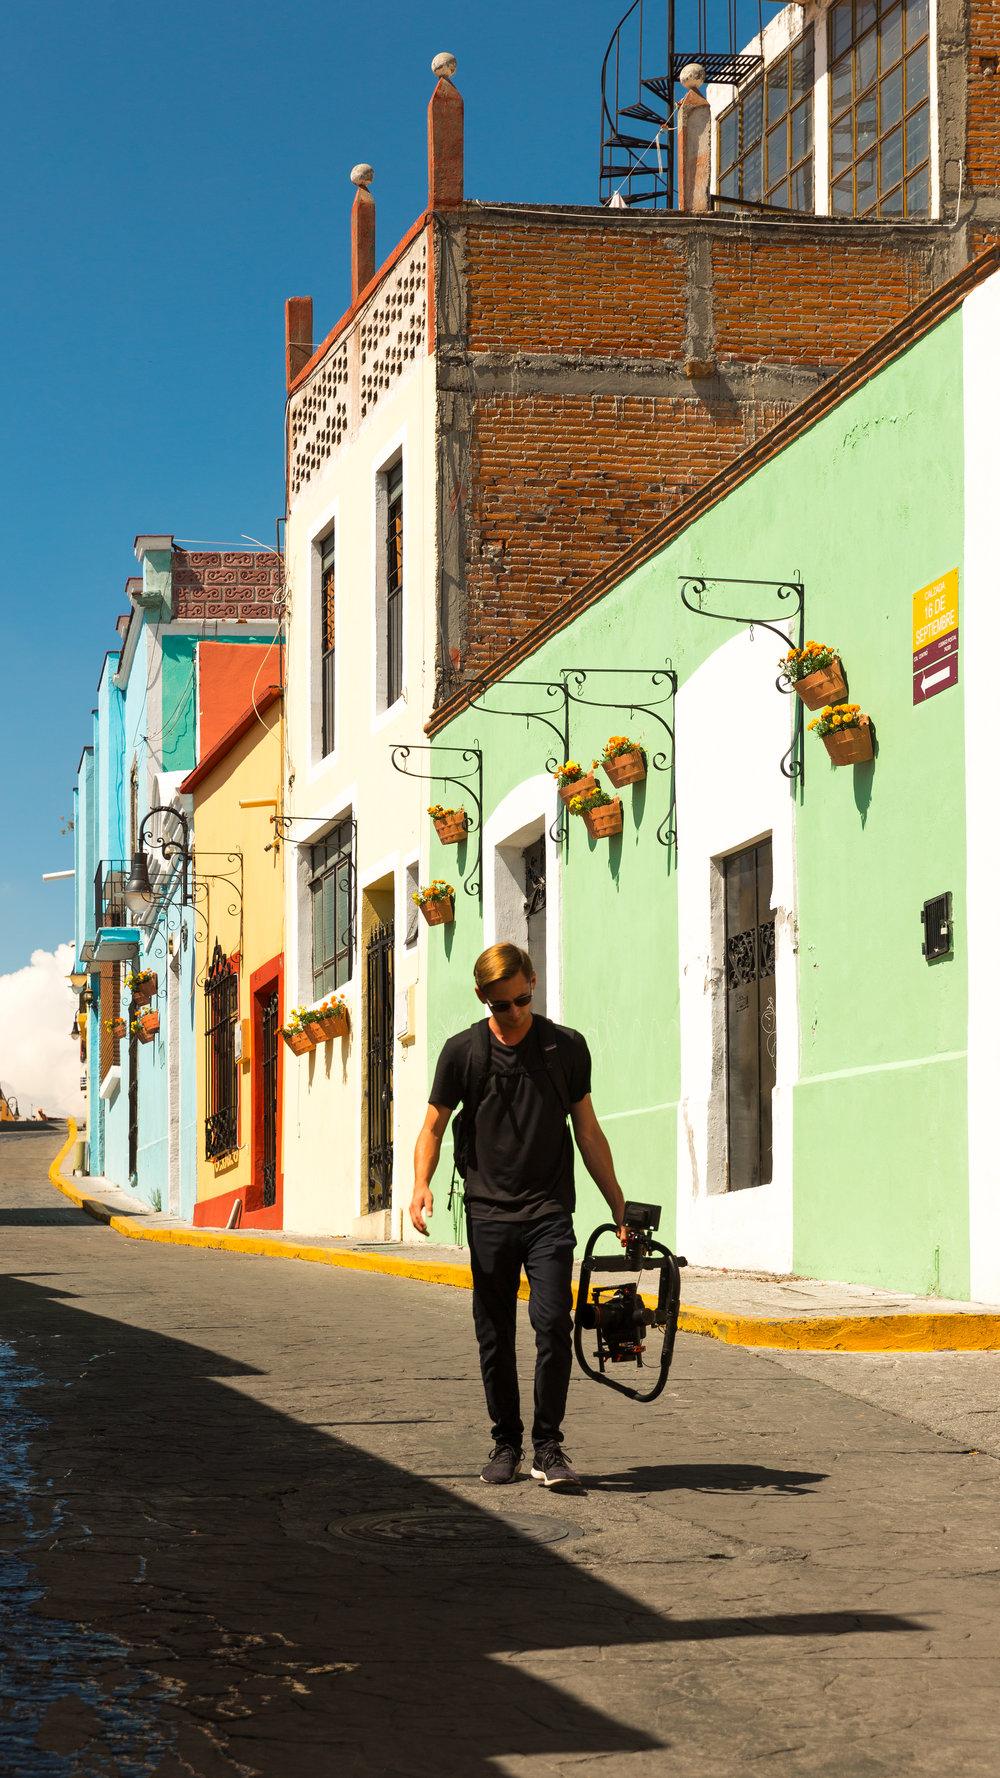 ABE1_VW_MEXICO_BEETLE_IG-Story-Crop_Hi-Res-35.jpg